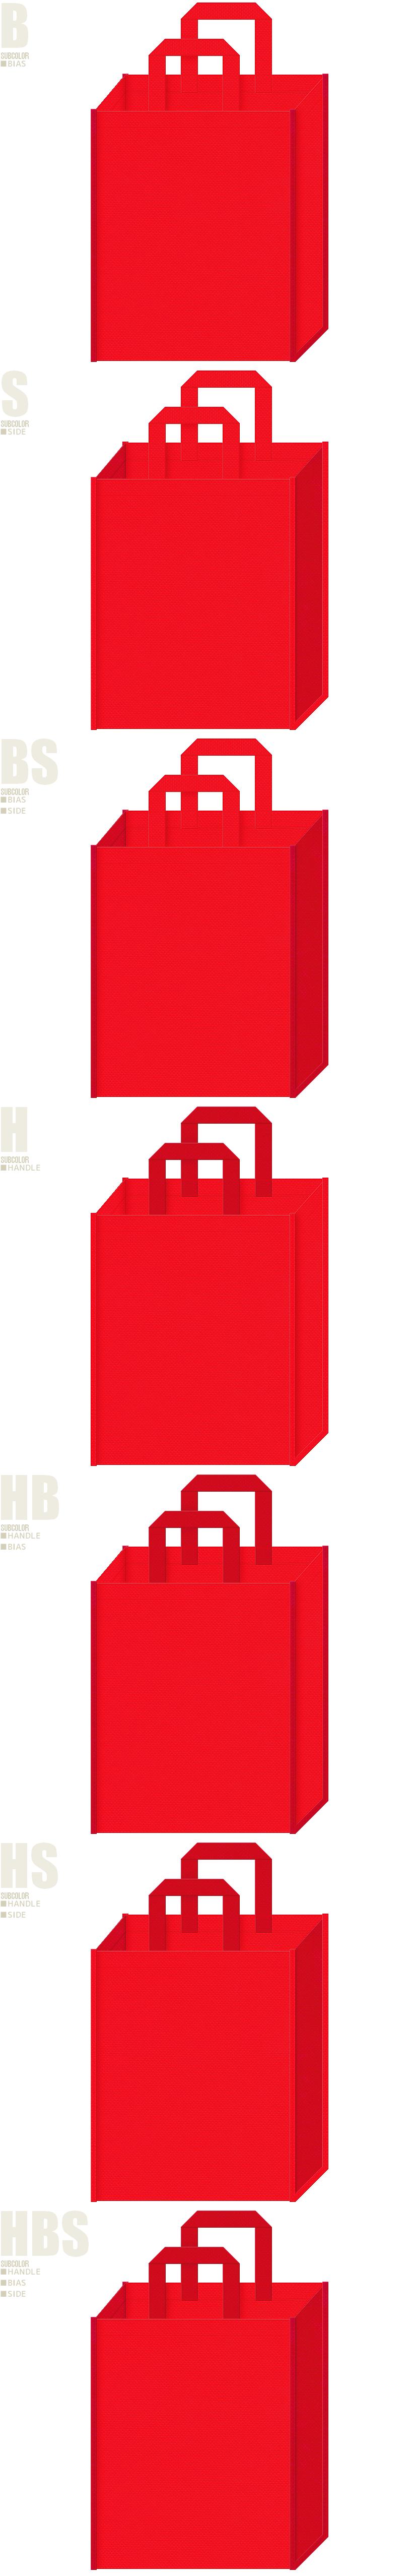 唐辛子・激辛・ラー油・太陽・エネルギー・鎧兜・端午の節句・赤備え・お城イベント・紅葉・観光土産・クリスマス・暖炉・ストーブ・お正月・福袋にお奨めの不織布バッグデザイン:赤色と紅色の配色7パターン